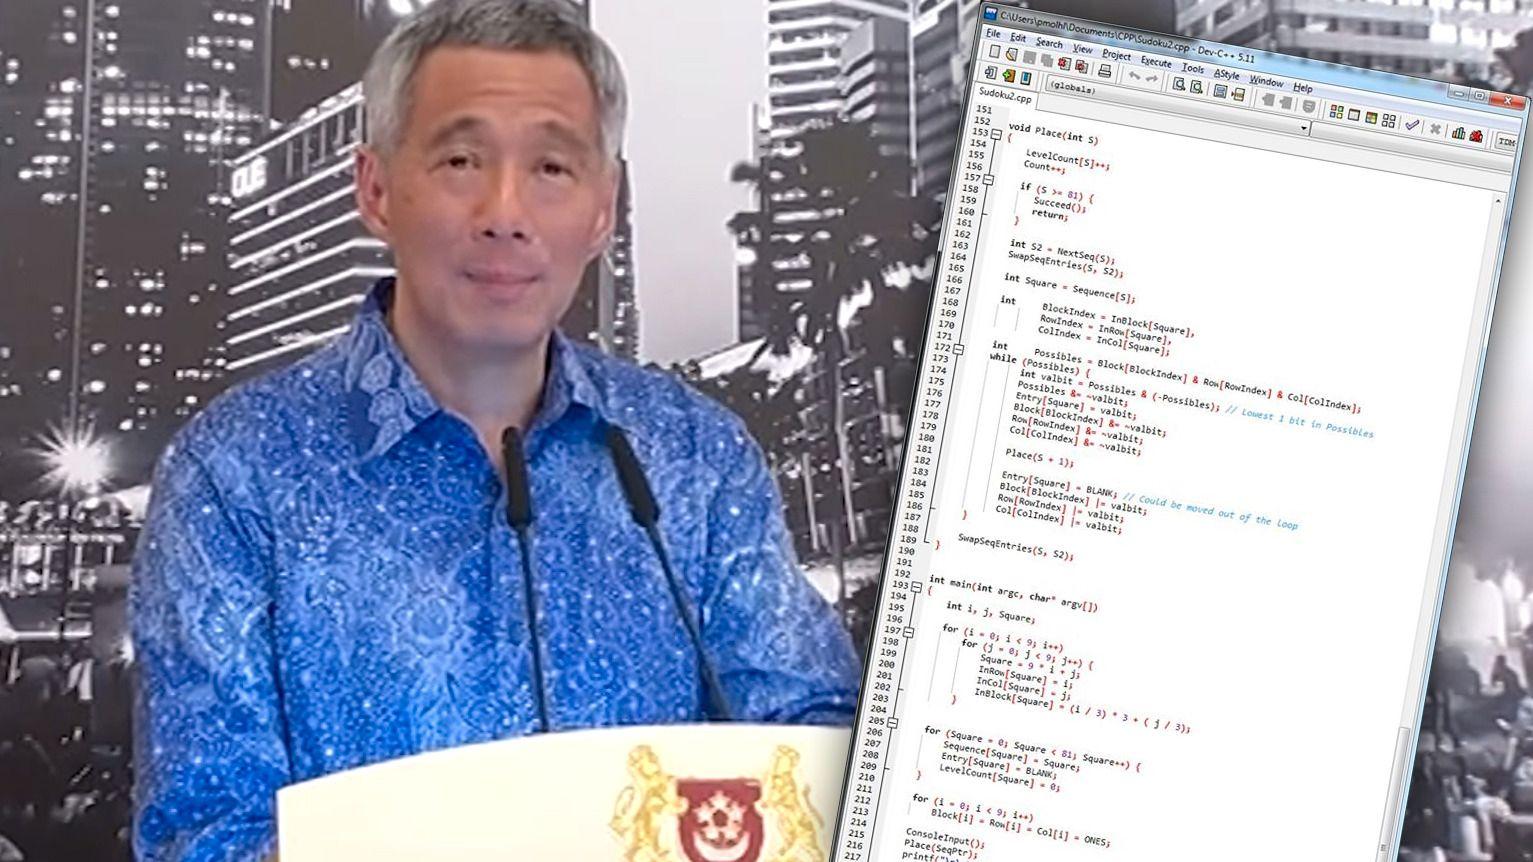 Singapores statsminister kan programmere i C++